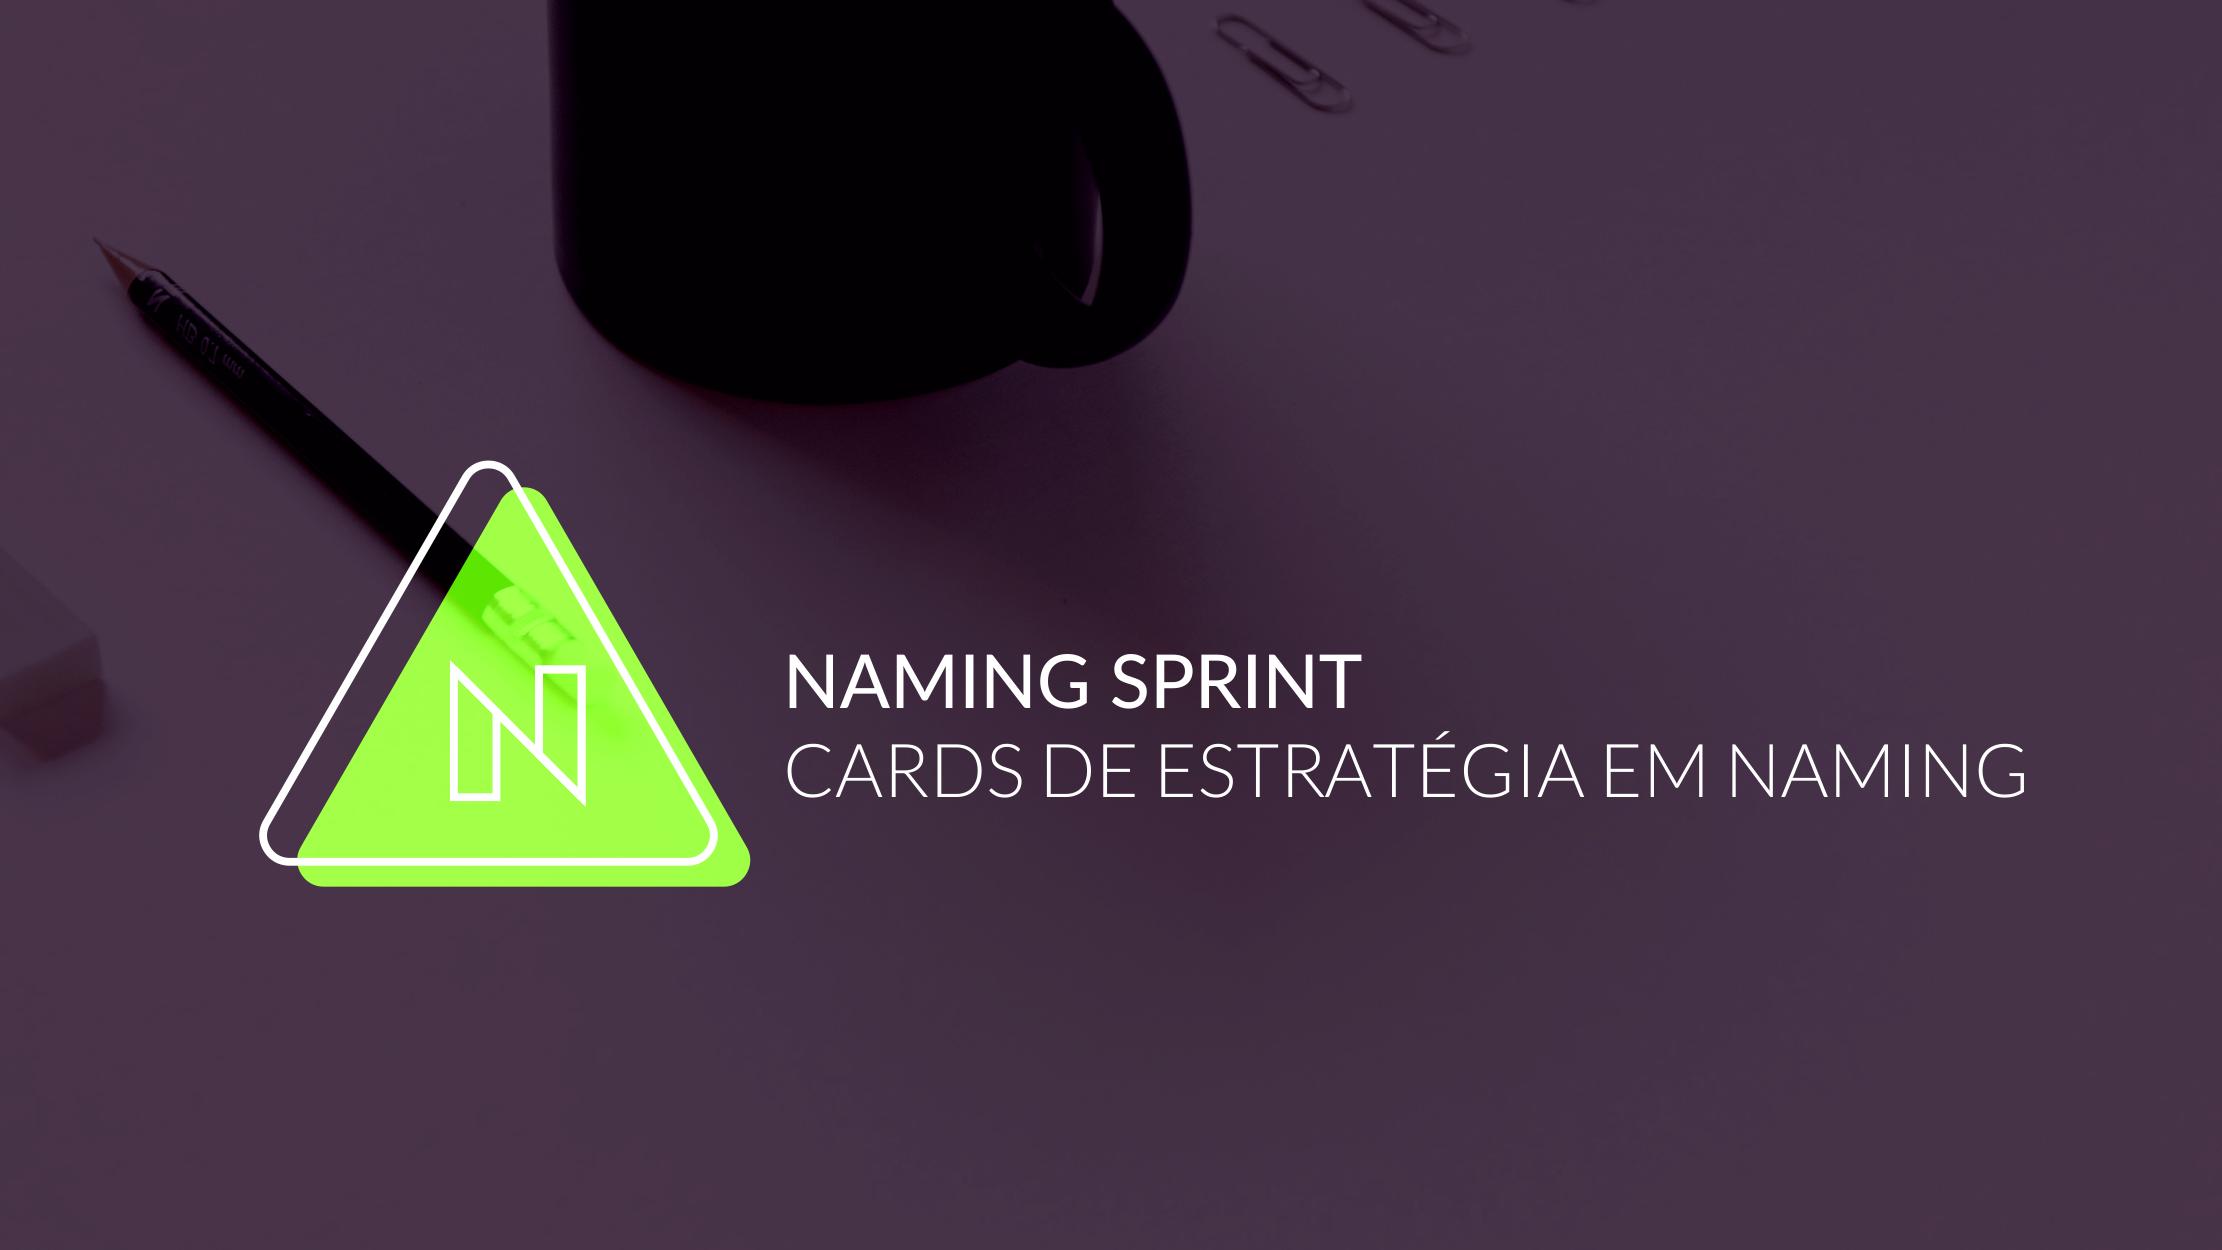 naming sprint